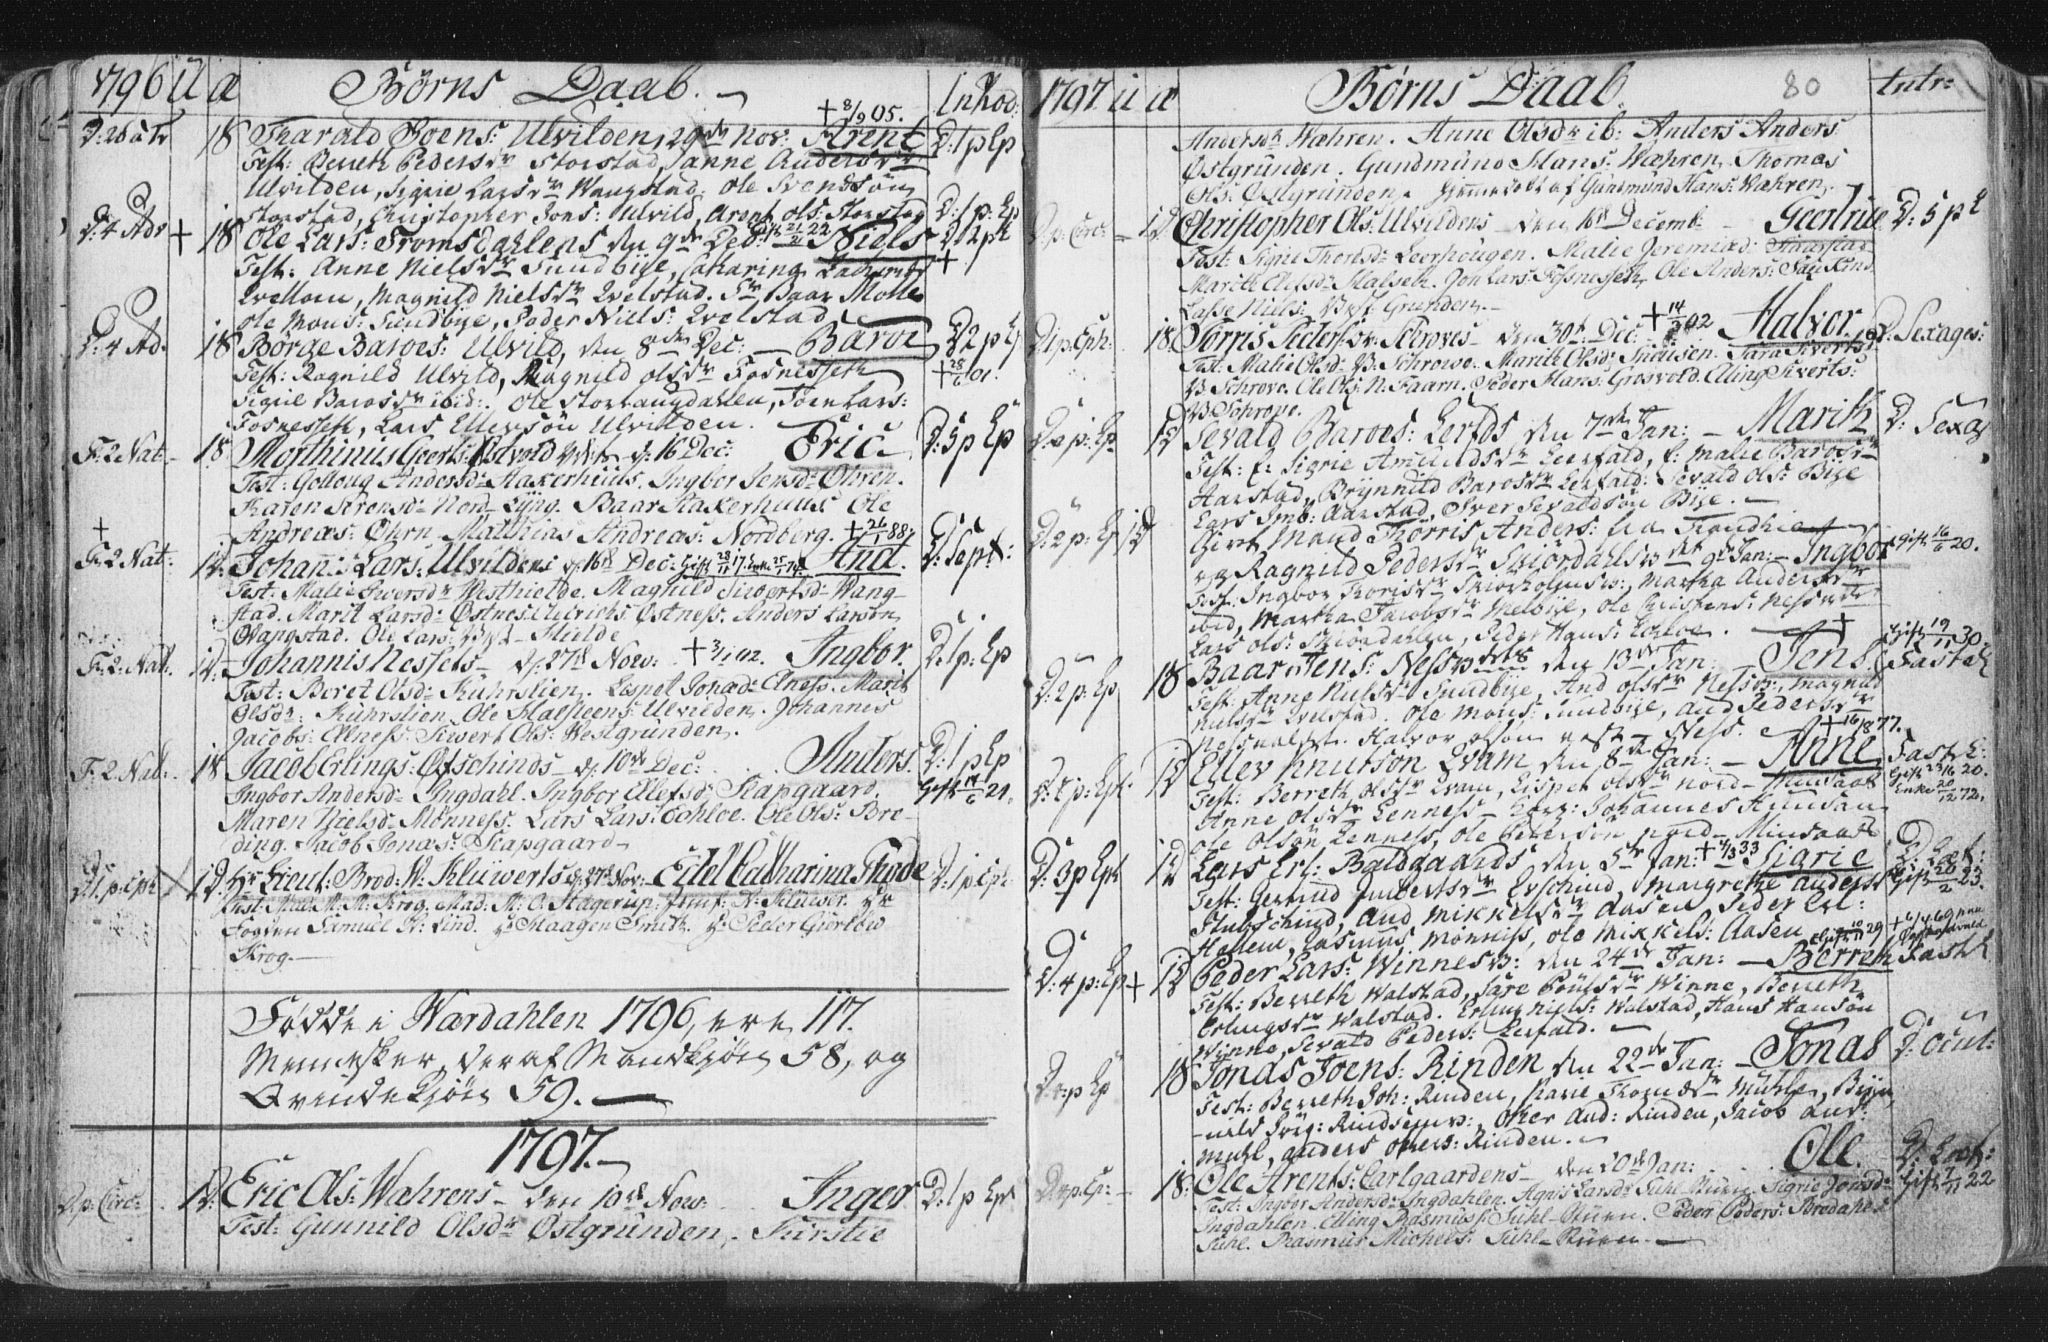 SAT, Ministerialprotokoller, klokkerbøker og fødselsregistre - Nord-Trøndelag, 723/L0232: Ministerialbok nr. 723A03, 1781-1804, s. 80